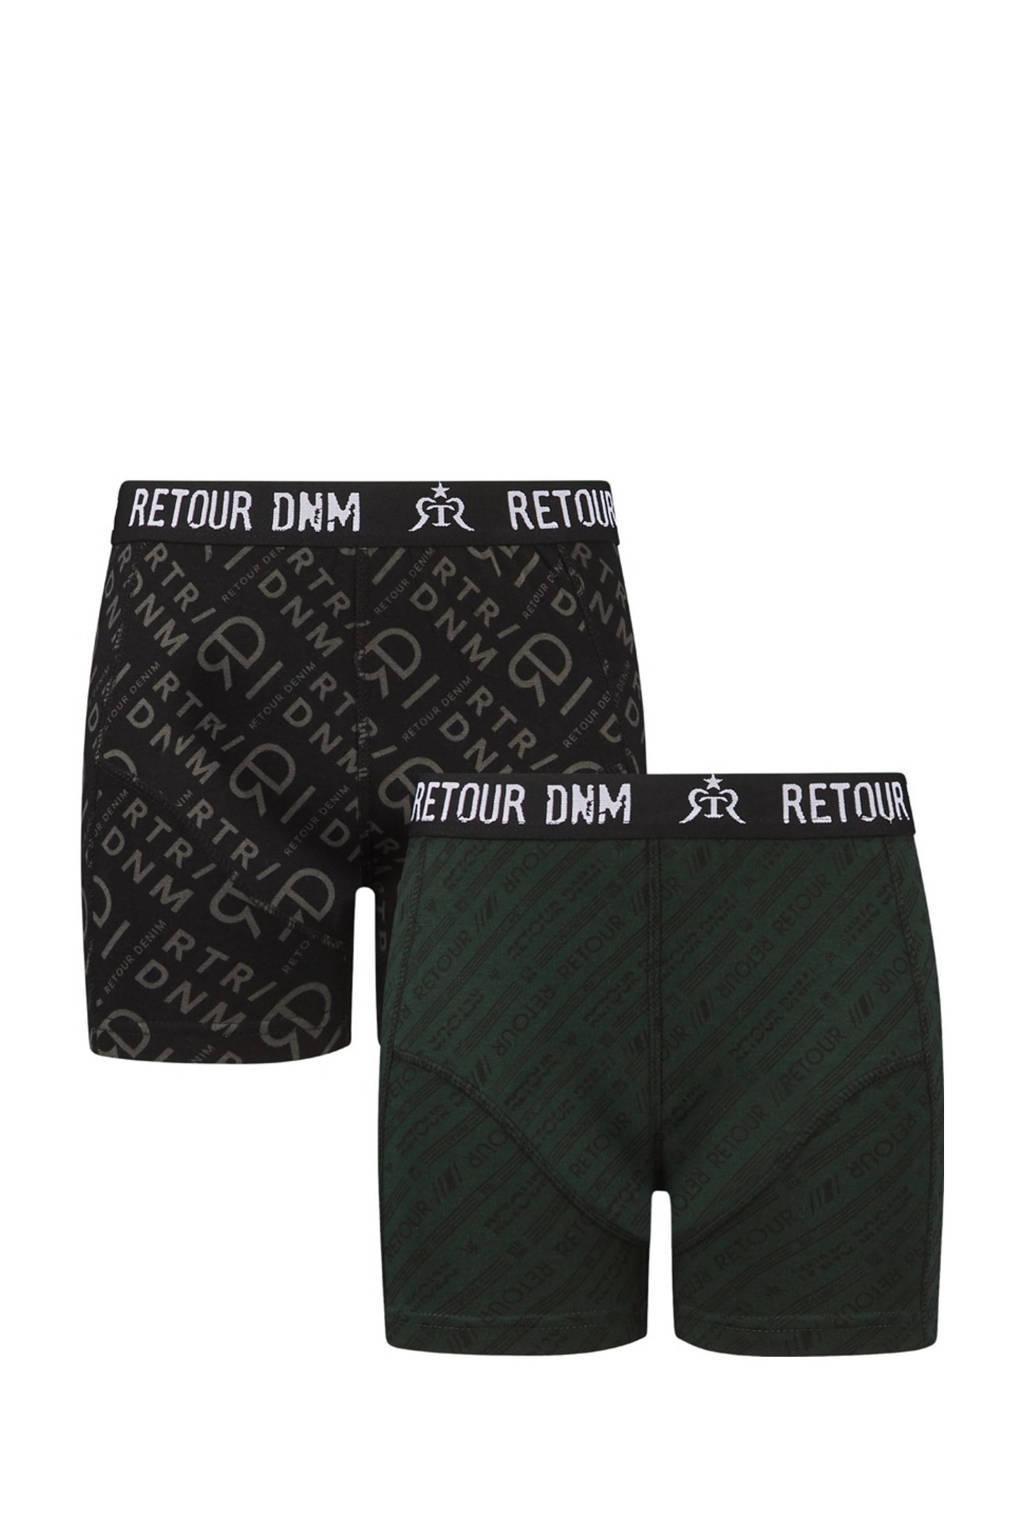 Retour Denim   boxershort Elio - set van 2 zwart, Zwart